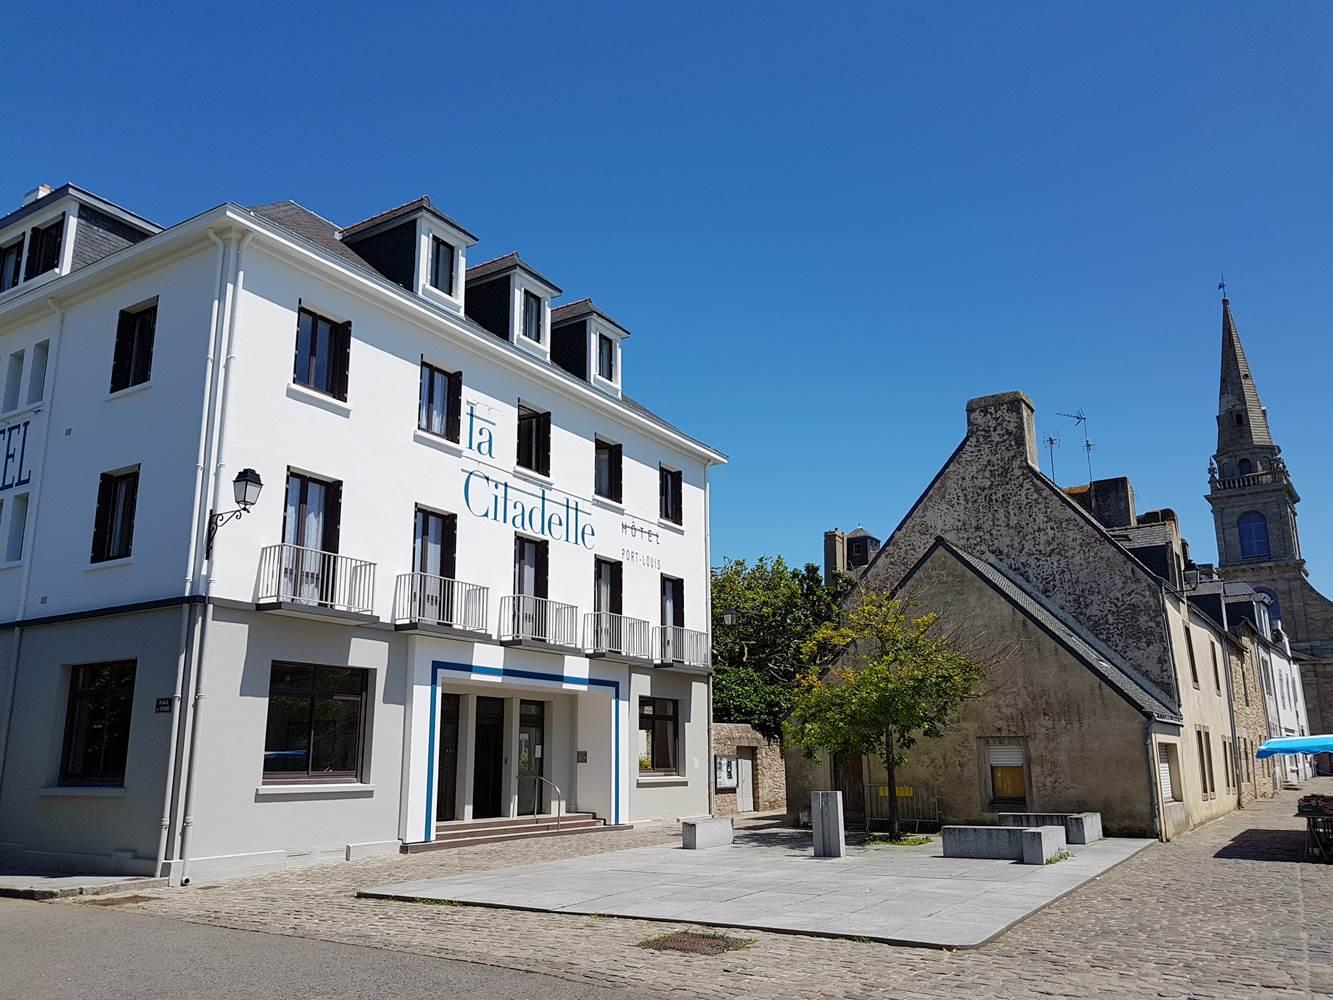 Hotel de la Citadelle - Bretagne sud - Lorient - Port Louis - Hotel vue de la place du marché ©